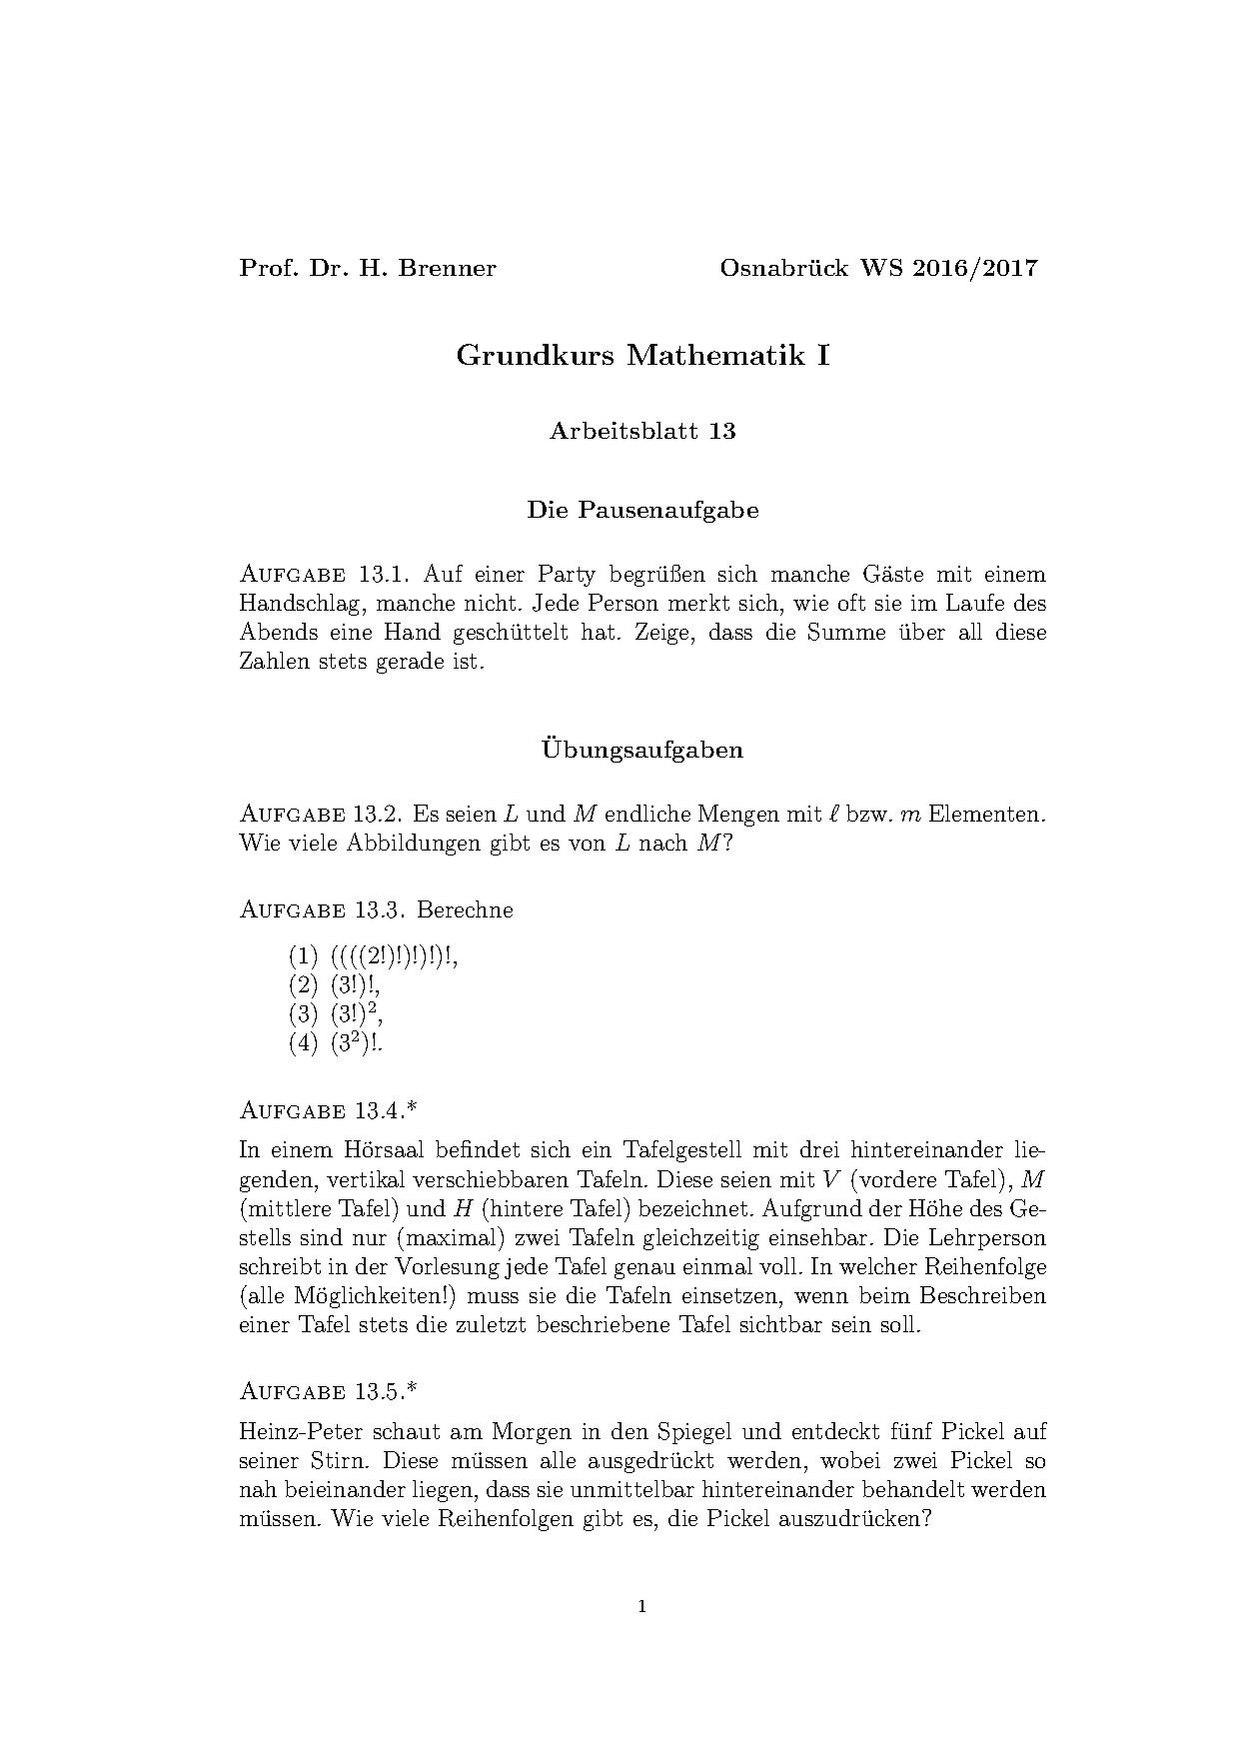 Niedlich Endliche Mathe Arbeitsblatt Bilder - Mathe Arbeitsblatt ...